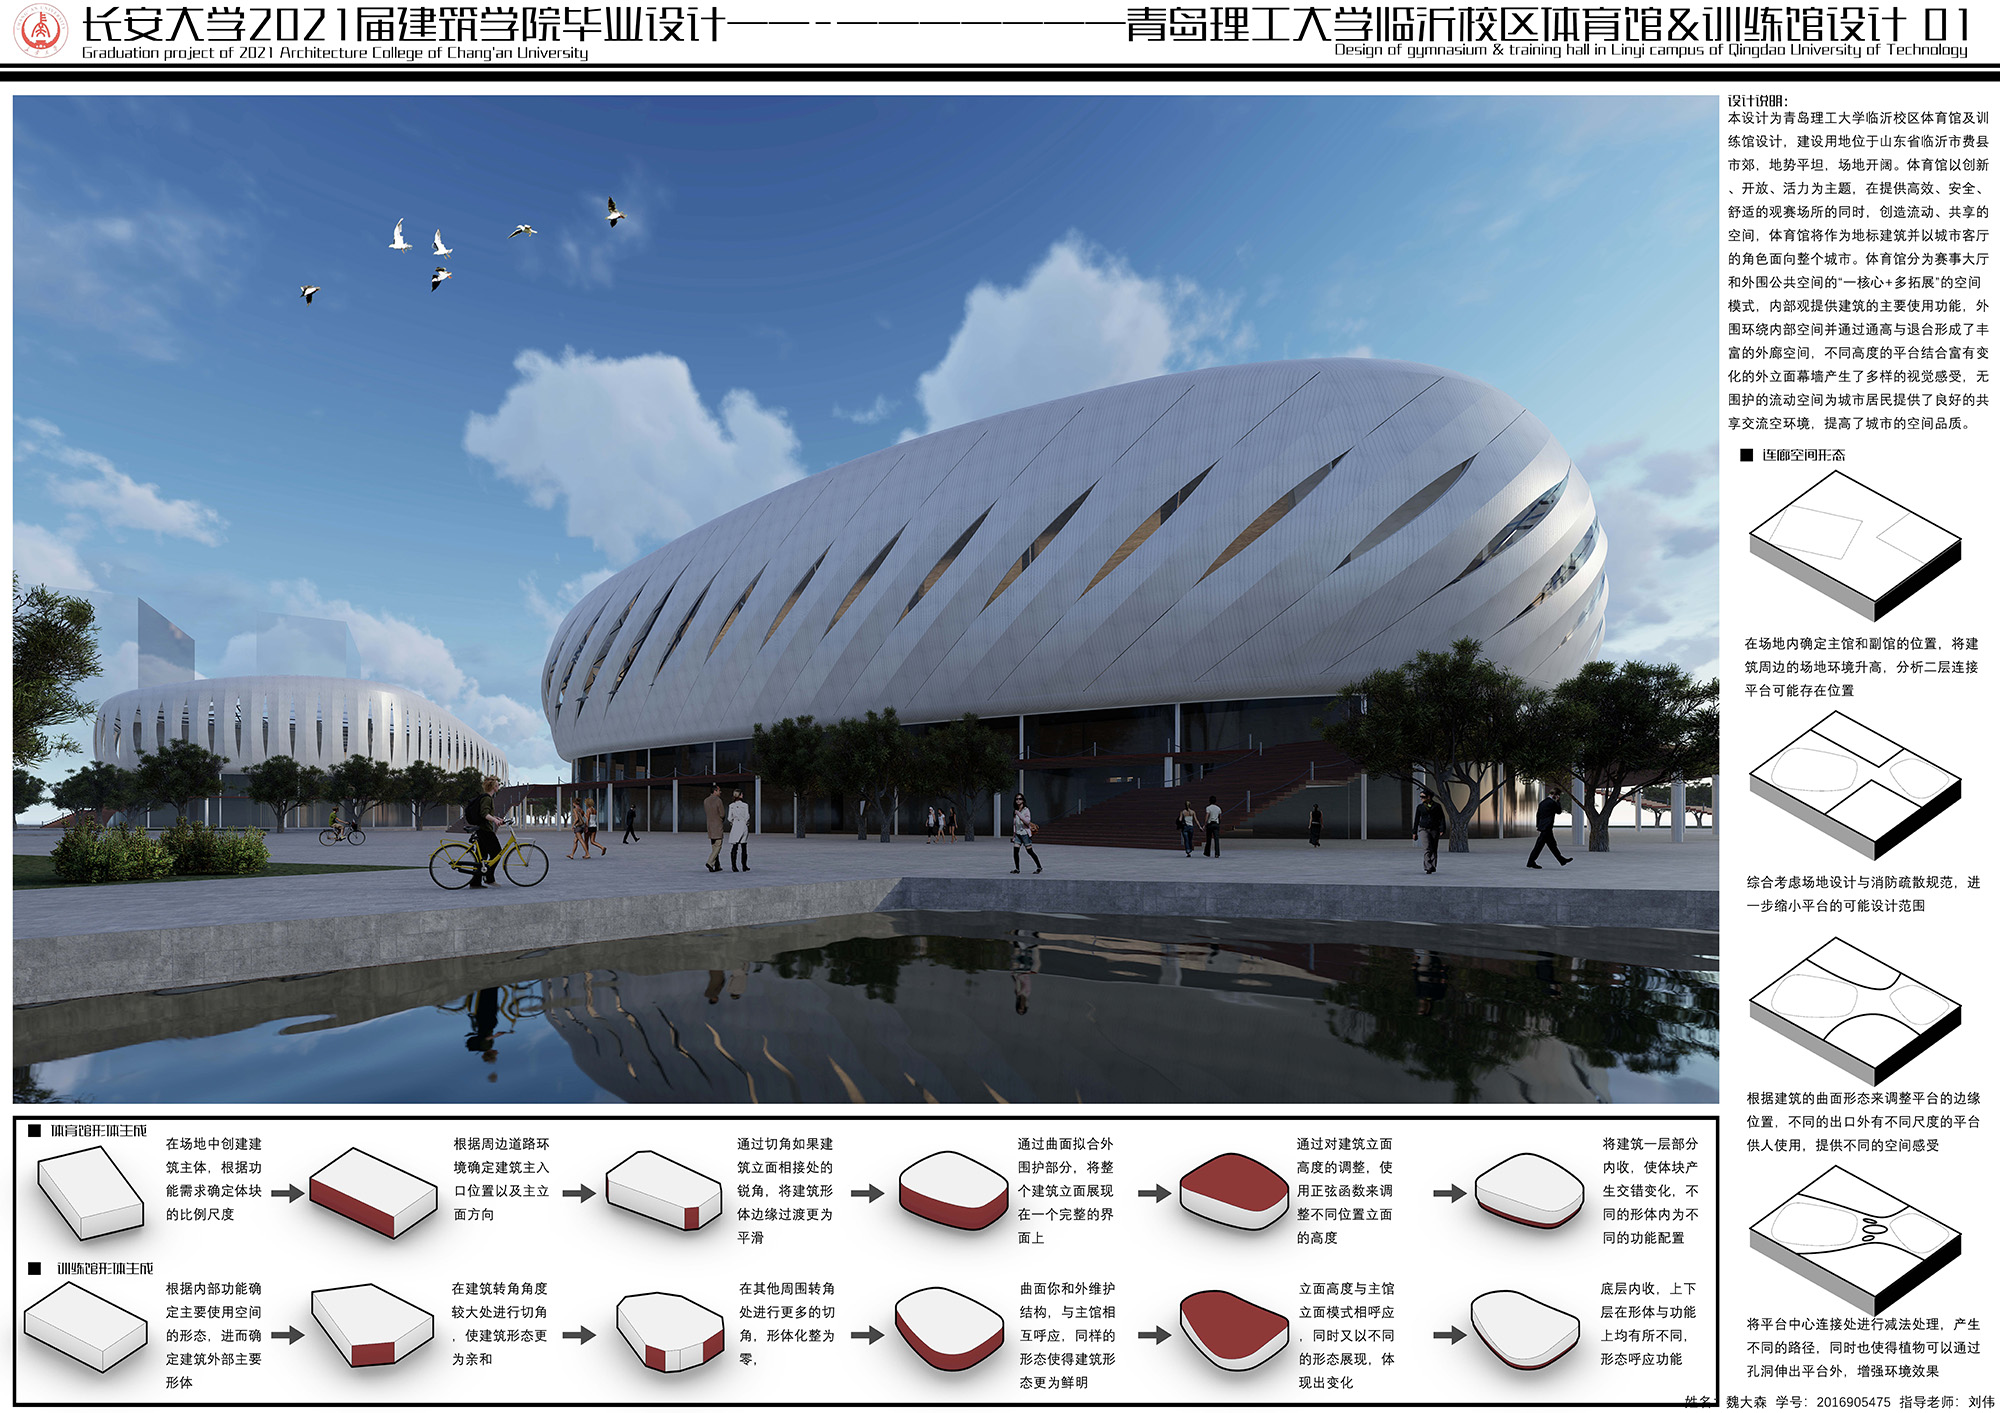 长安大学建筑学院2021毕业设计系列展 003